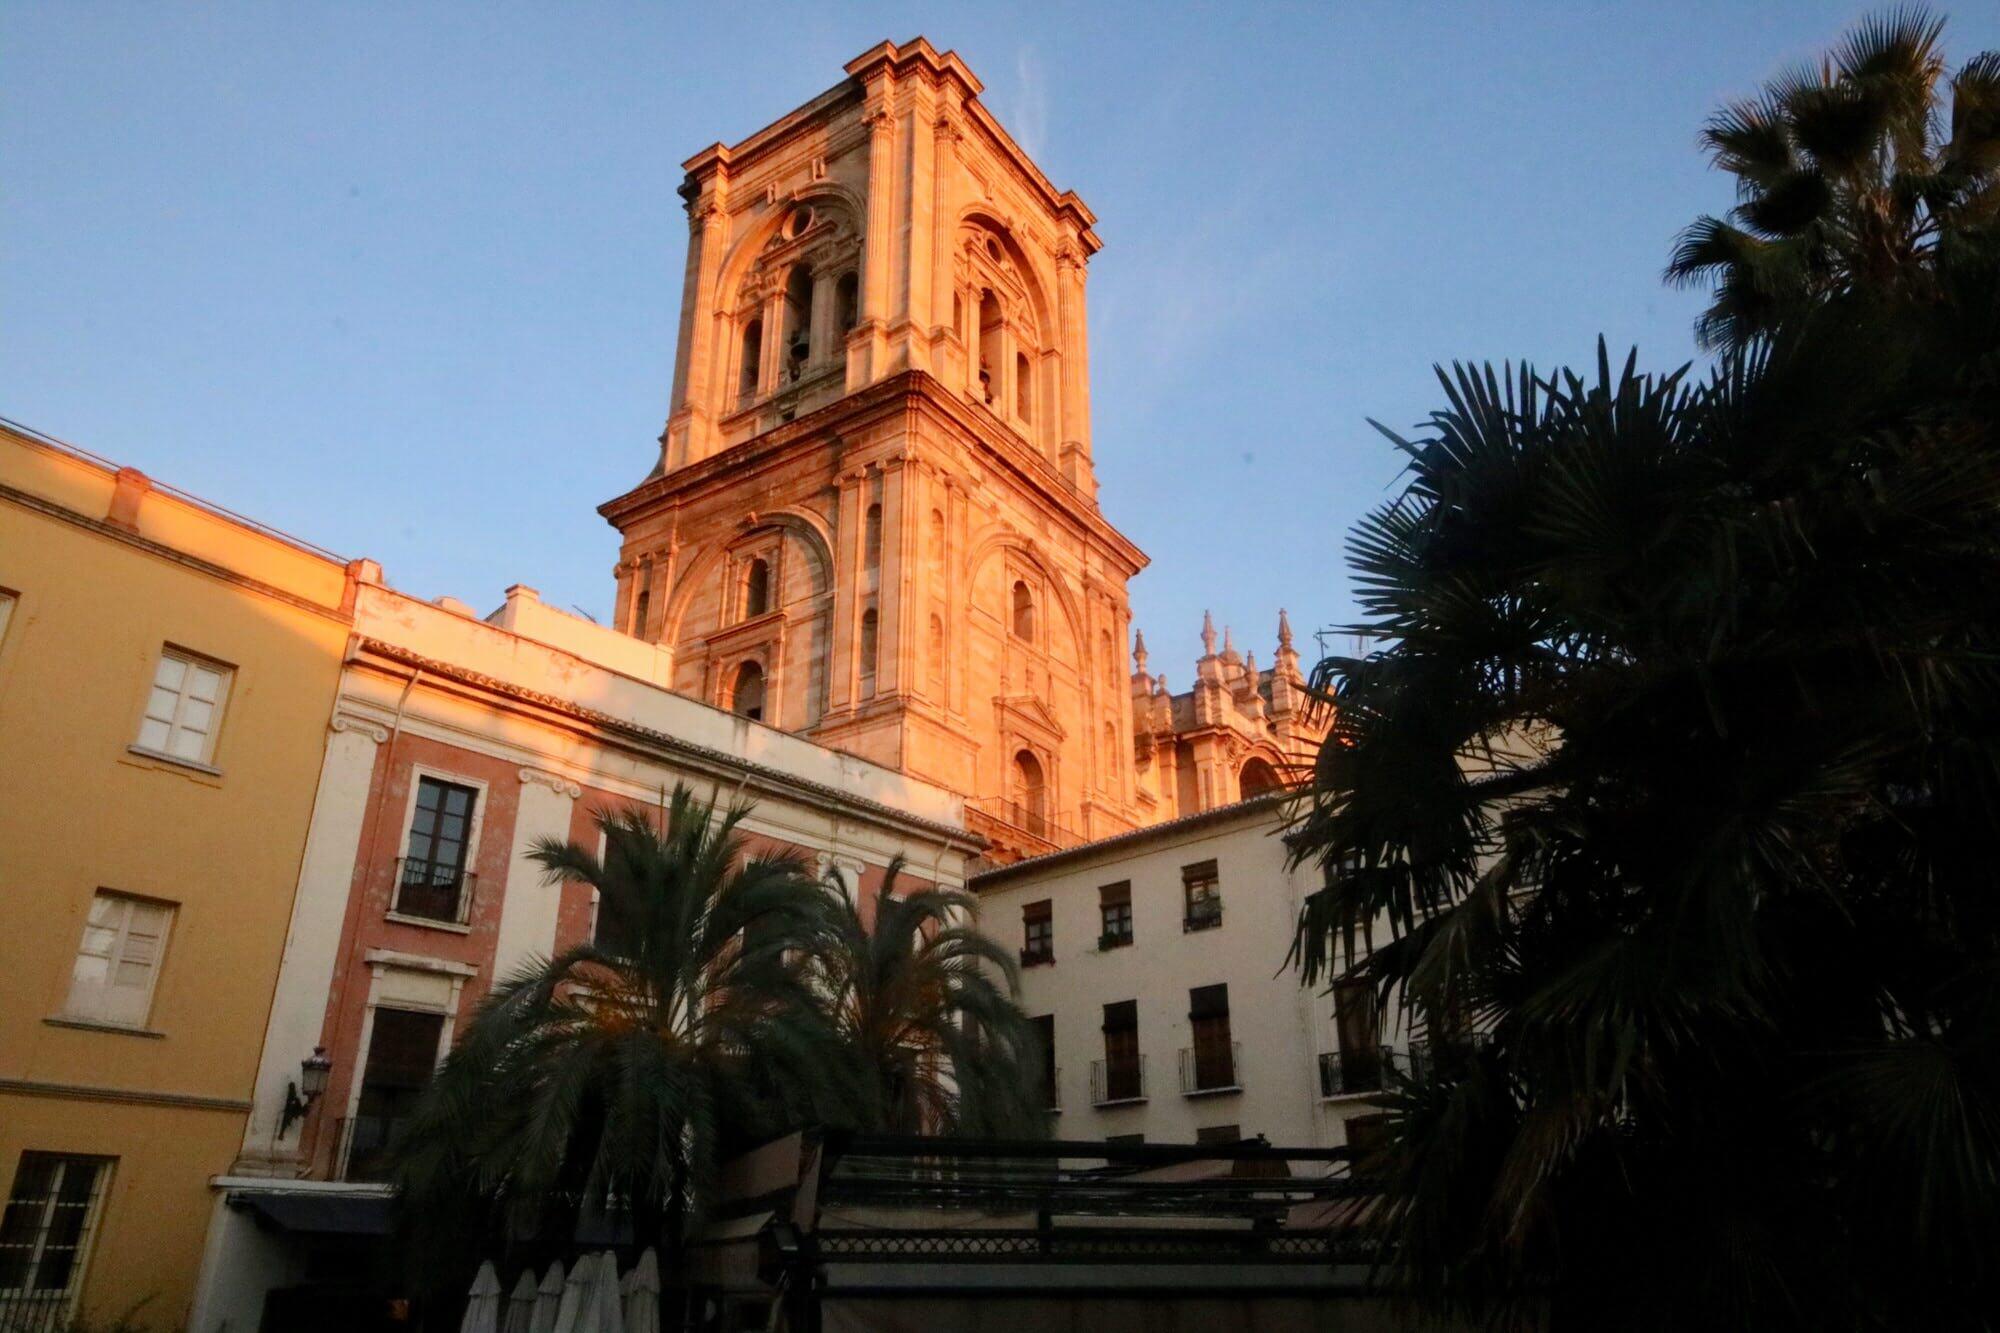 Bruidsfotograaf voor jullie trouwerij in Castillo de Monda